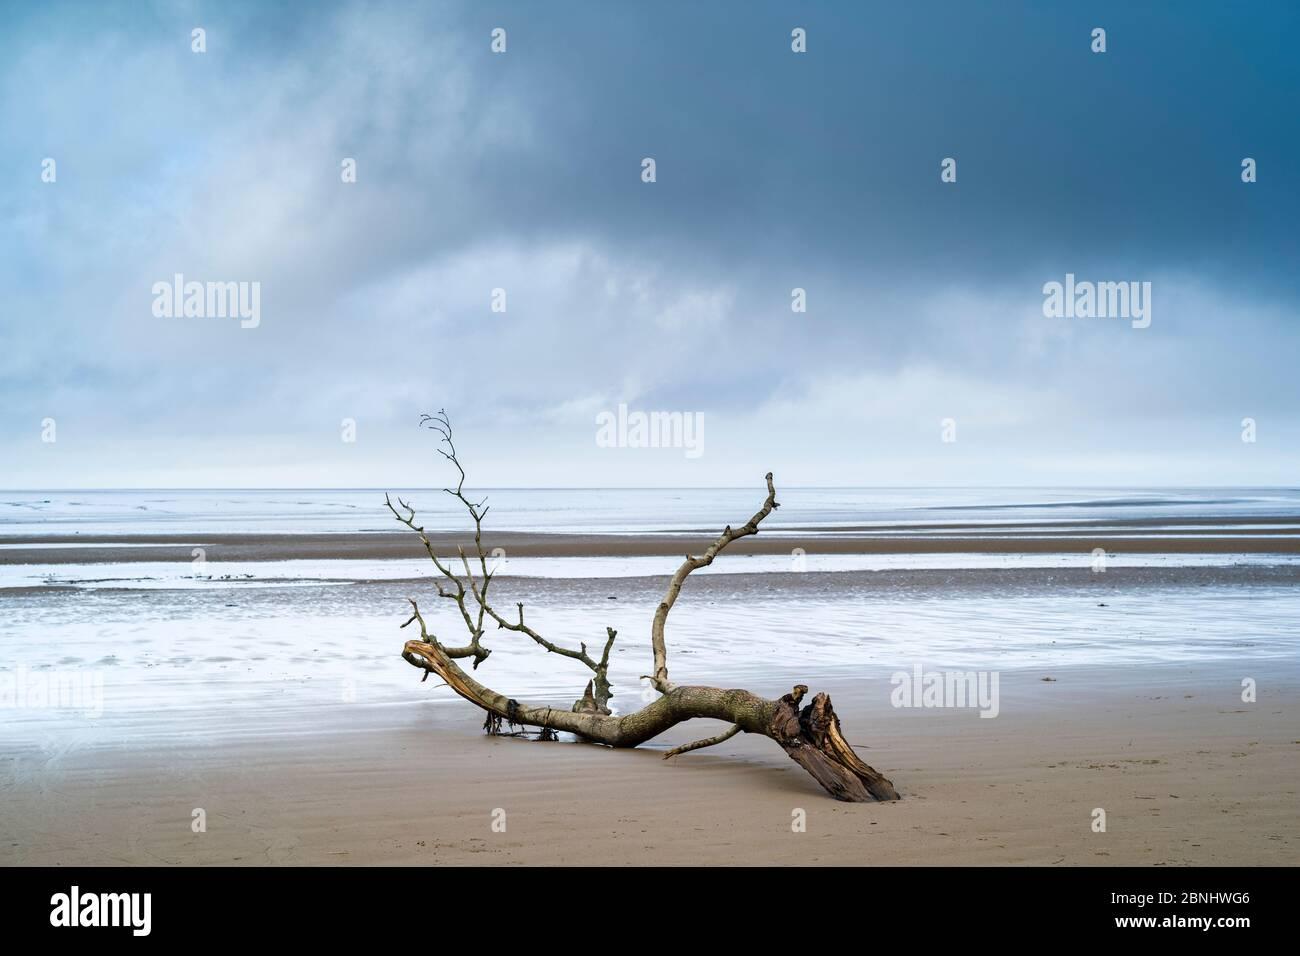 Driftwood - imagen gráfica de rama muerta arrastrada por el mar del Canal de Bristol a la playa de arena en Burnham-on-sea, Somerset, Reino Unido Foto de stock